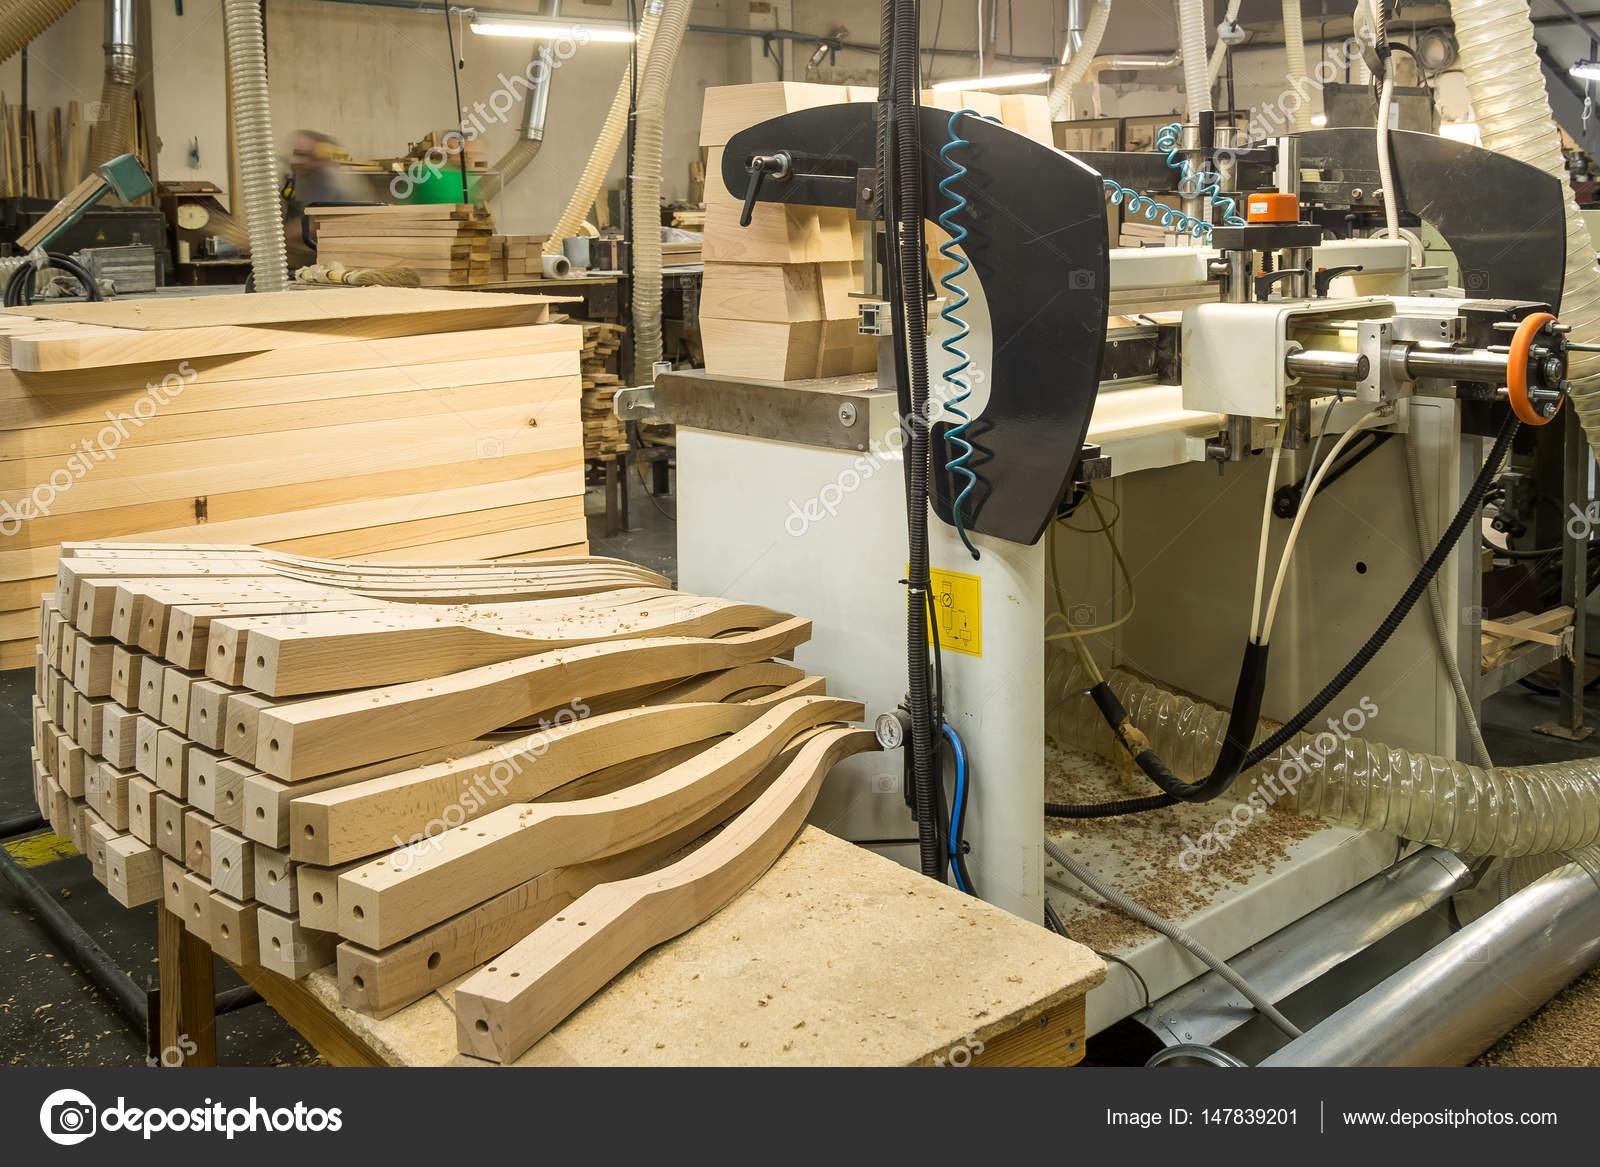 Muebles madera fabrica taller para la producci n de - Fabricas de madera ...